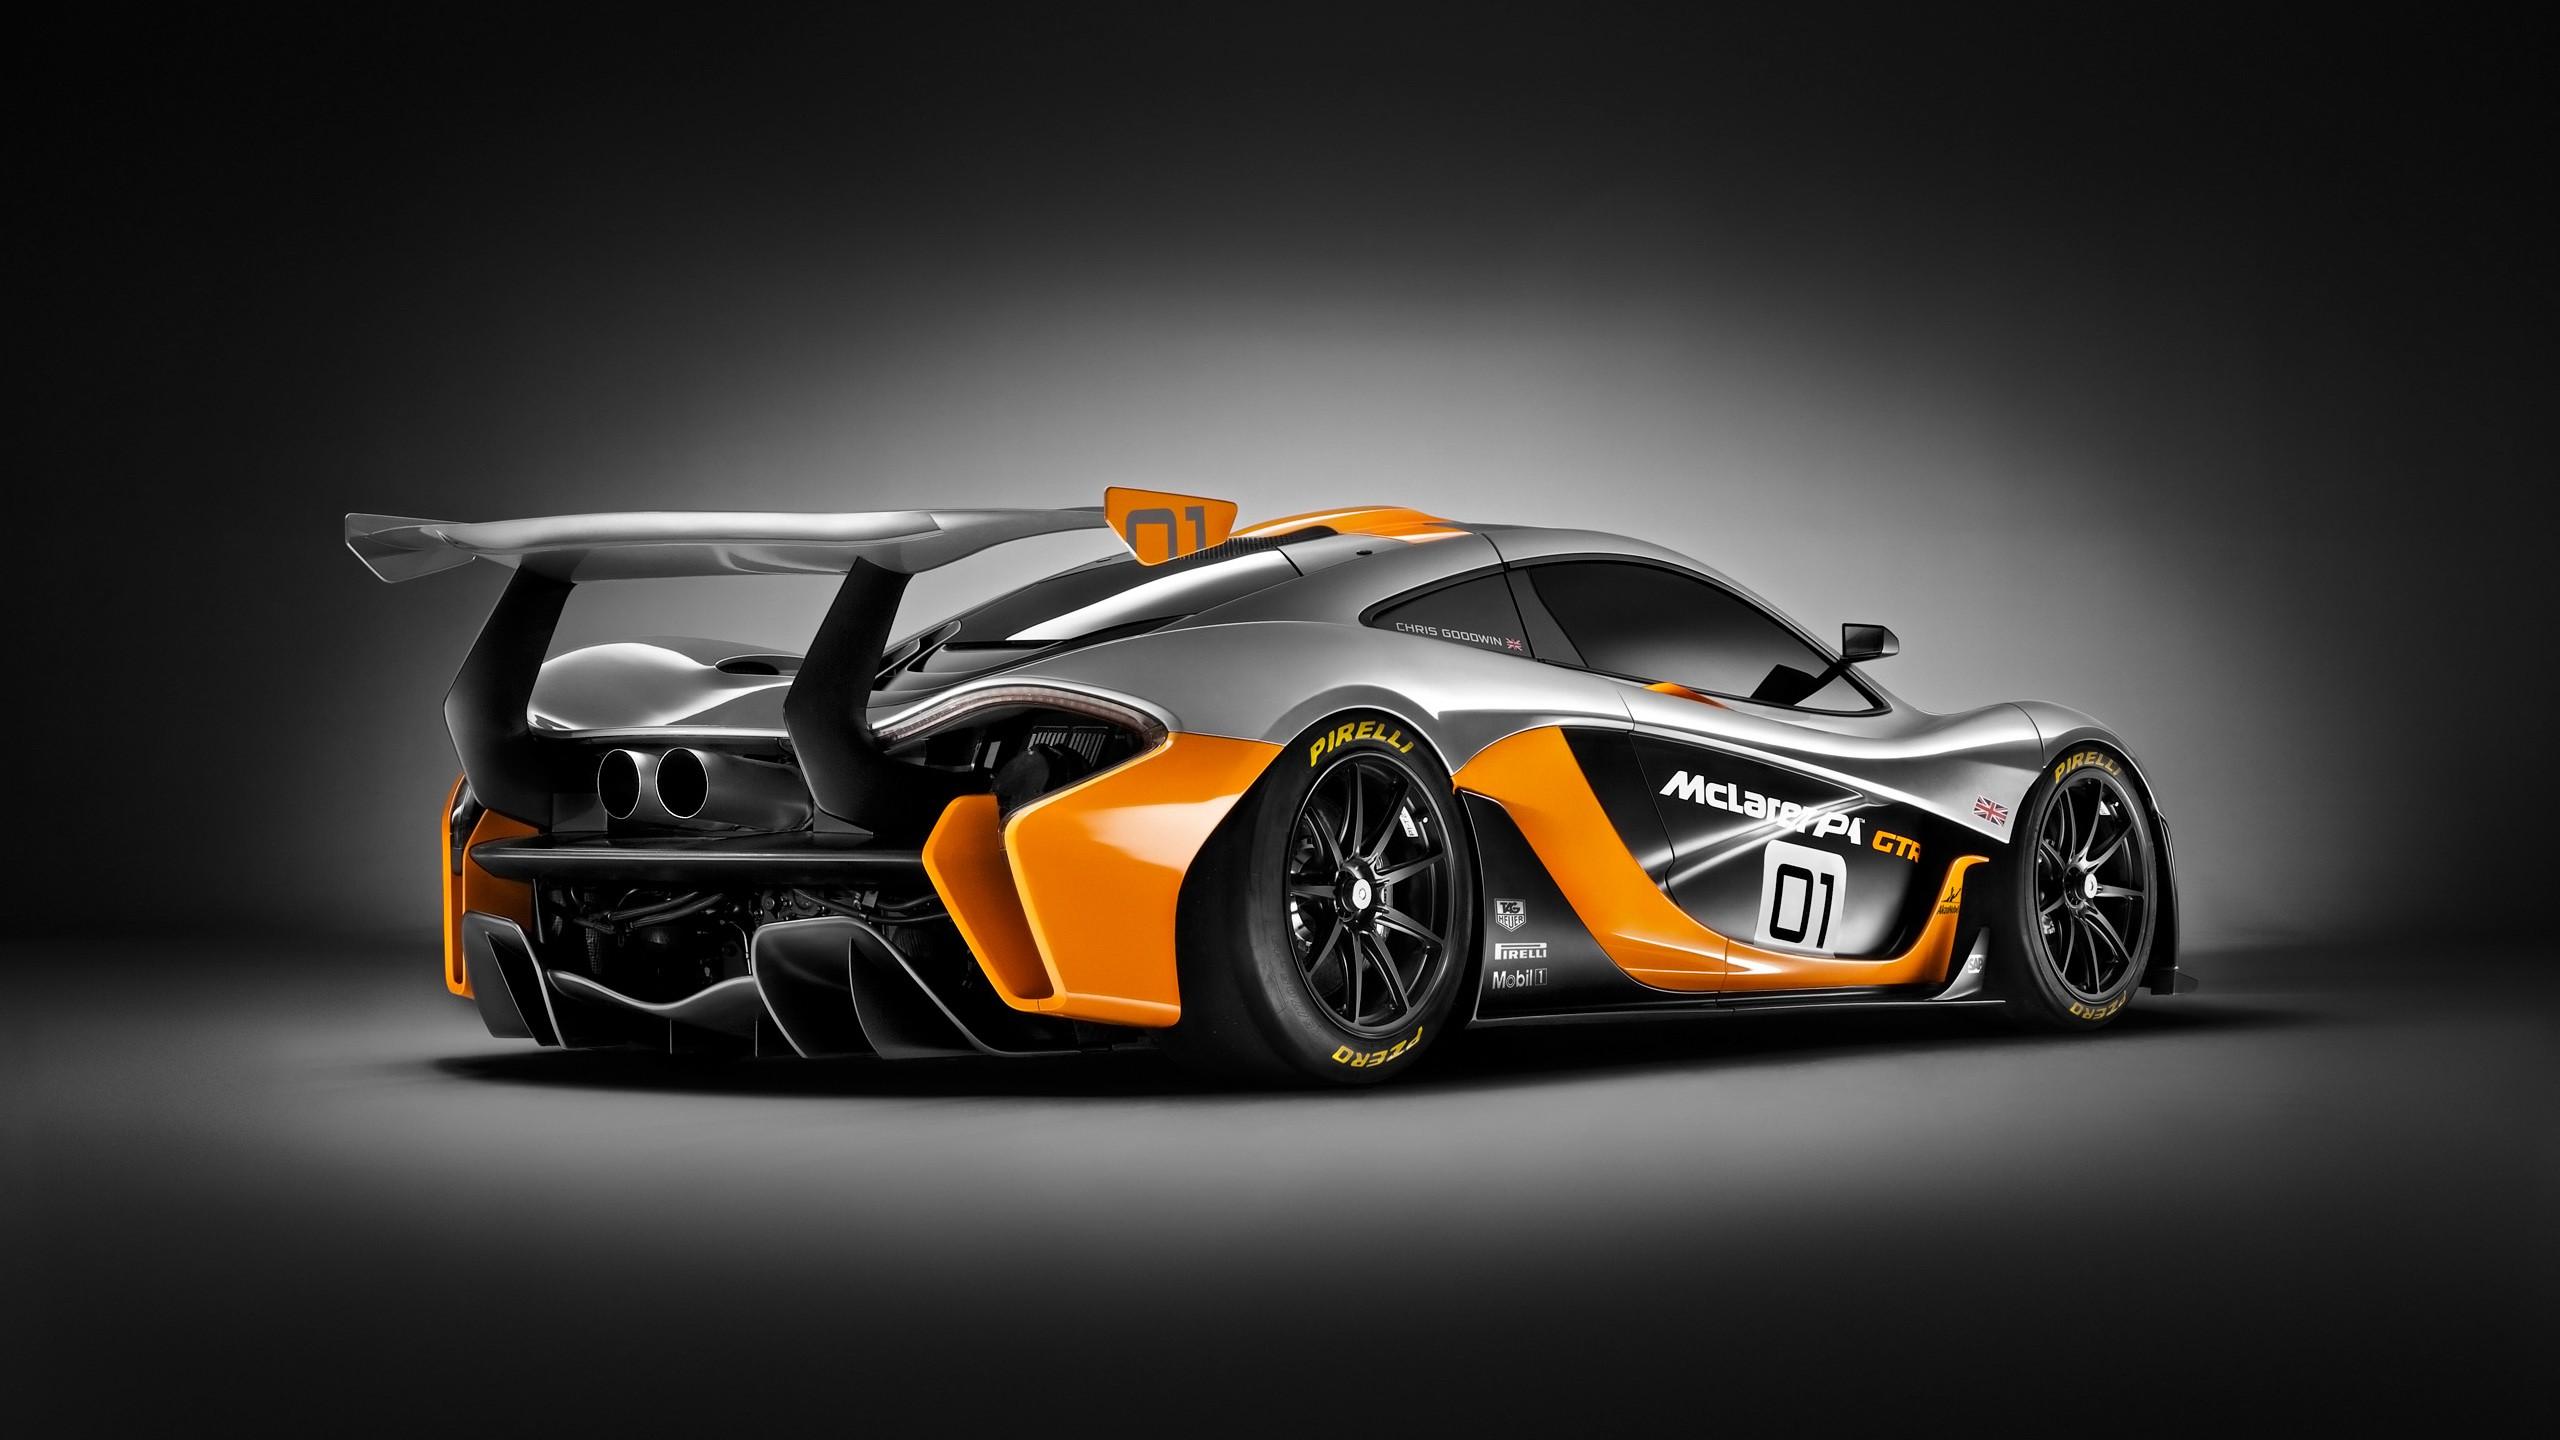 2014 Mclaren P1 Gtr Design Concept 2 Wallpaper Hd Car